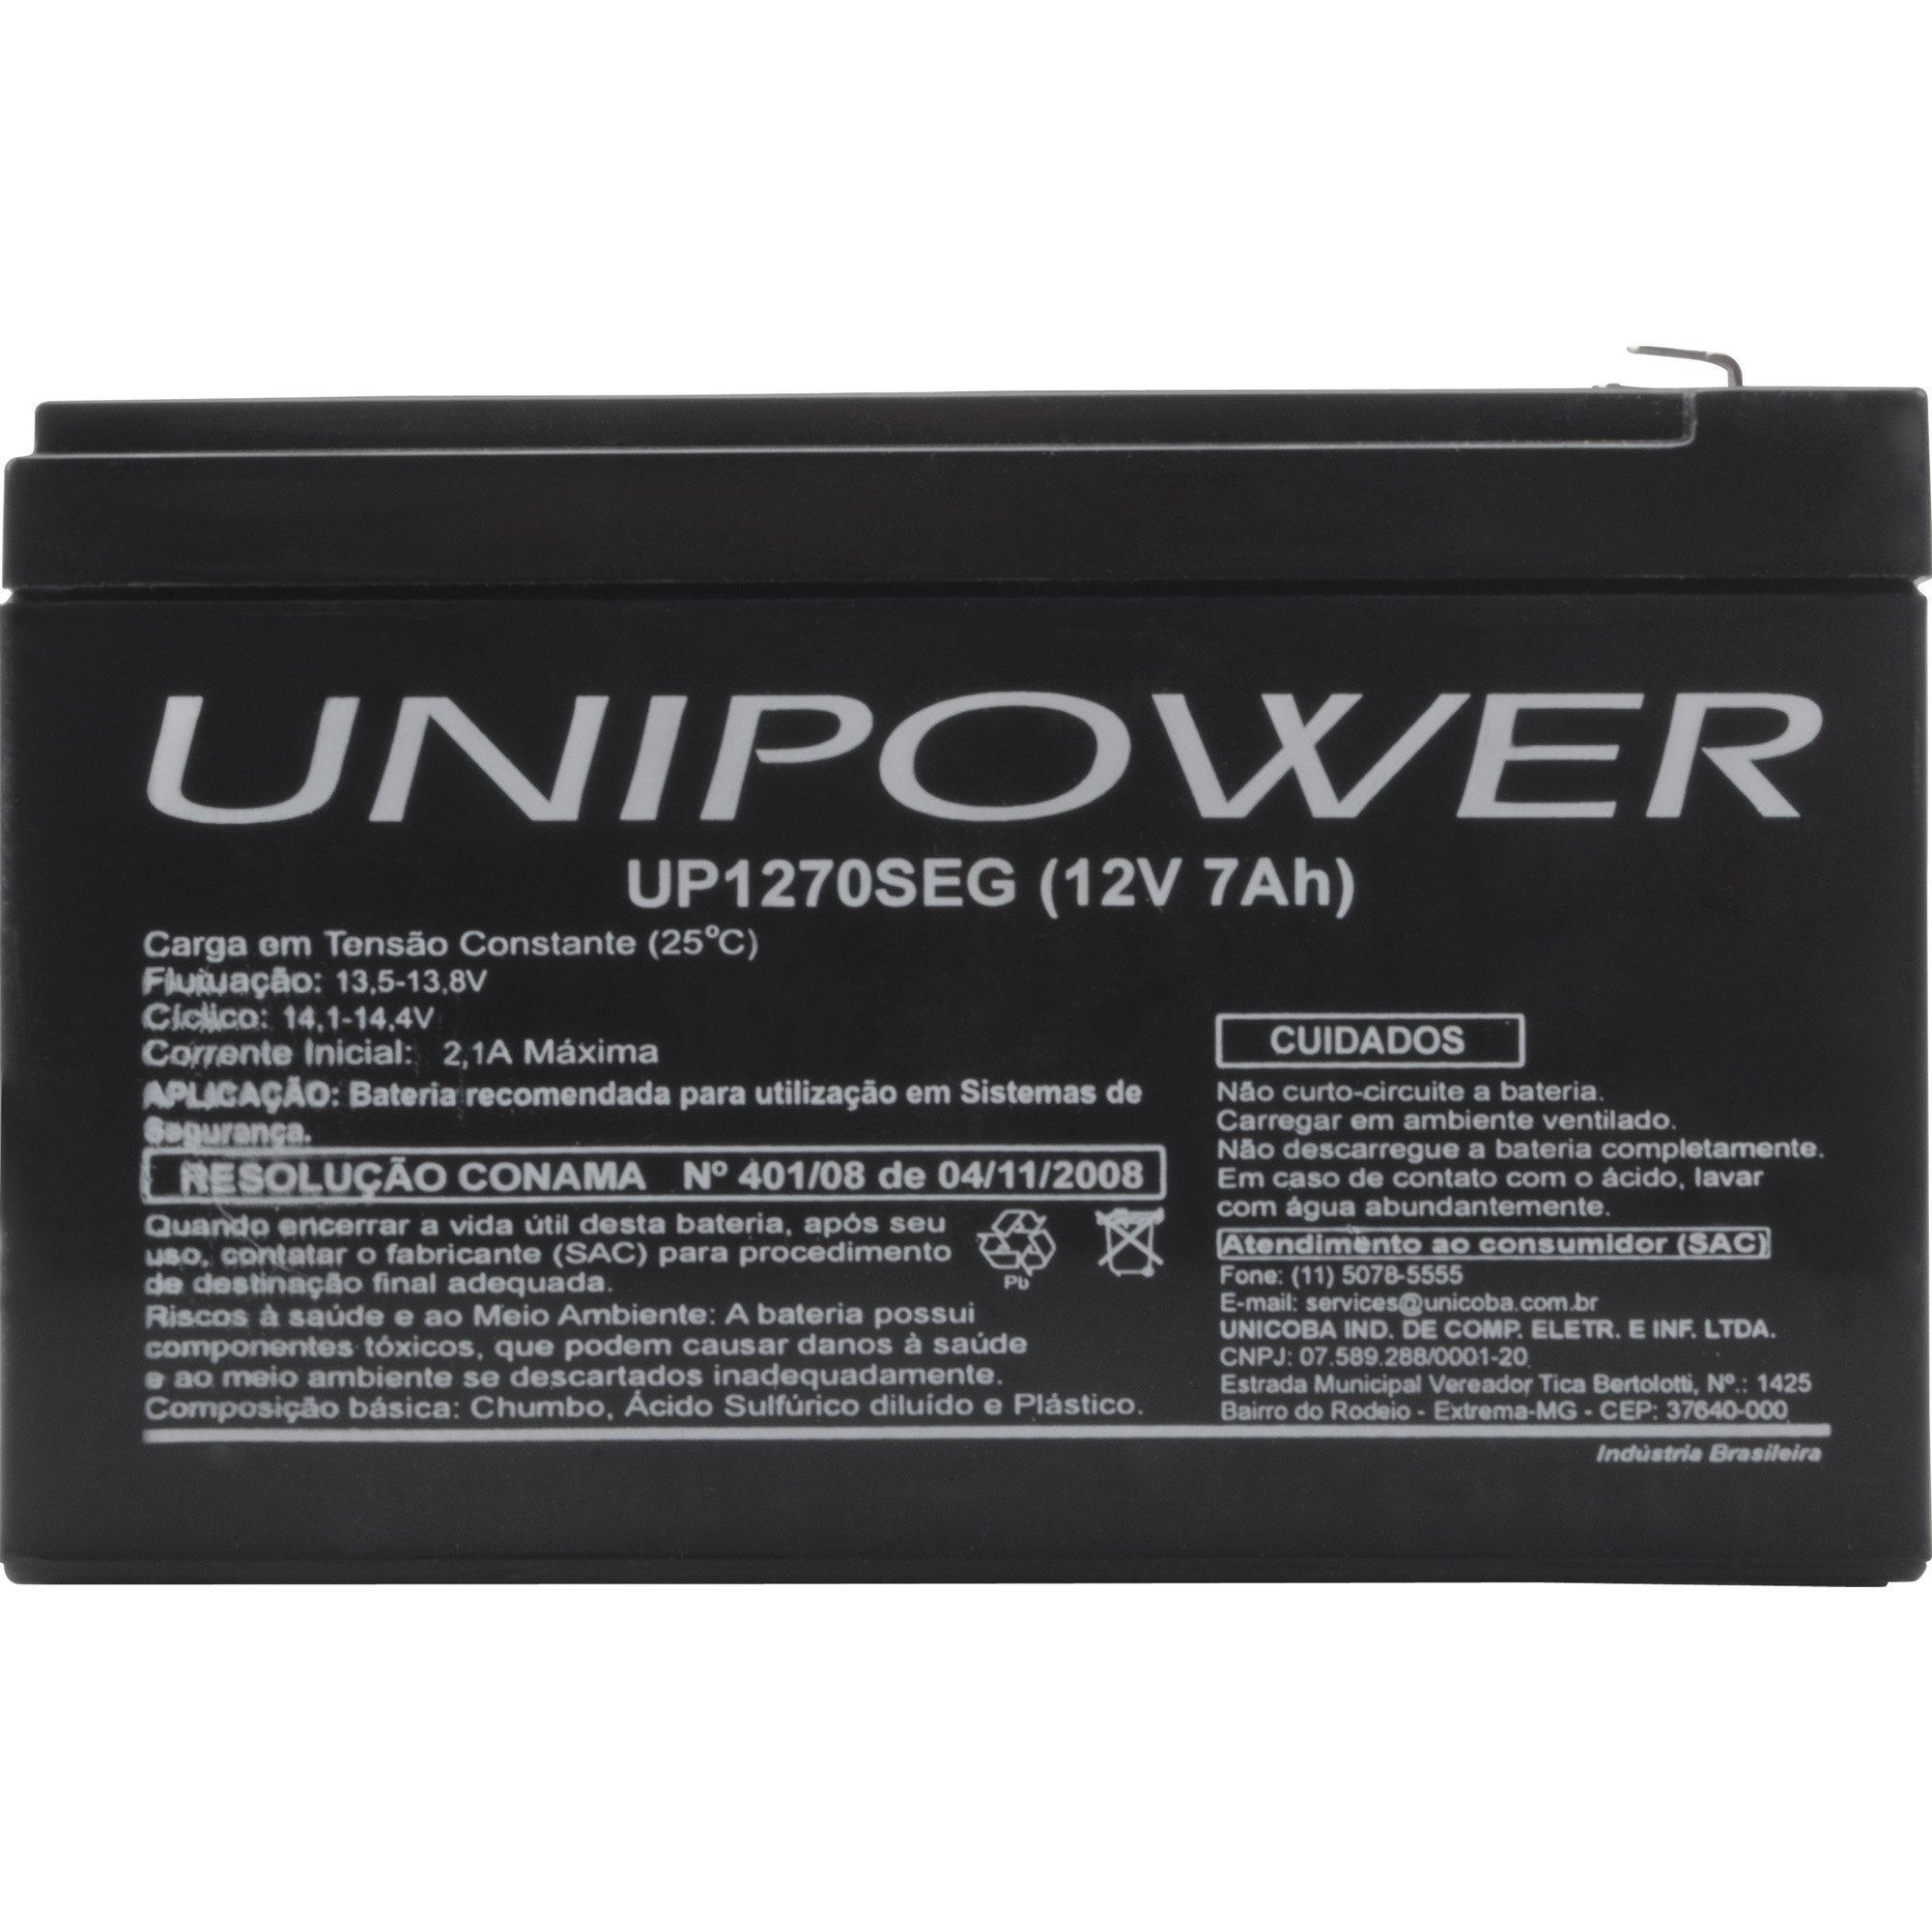 bateria selada especial 63595 unipower rer up1270seg 12v 7a 45015 2000 193282